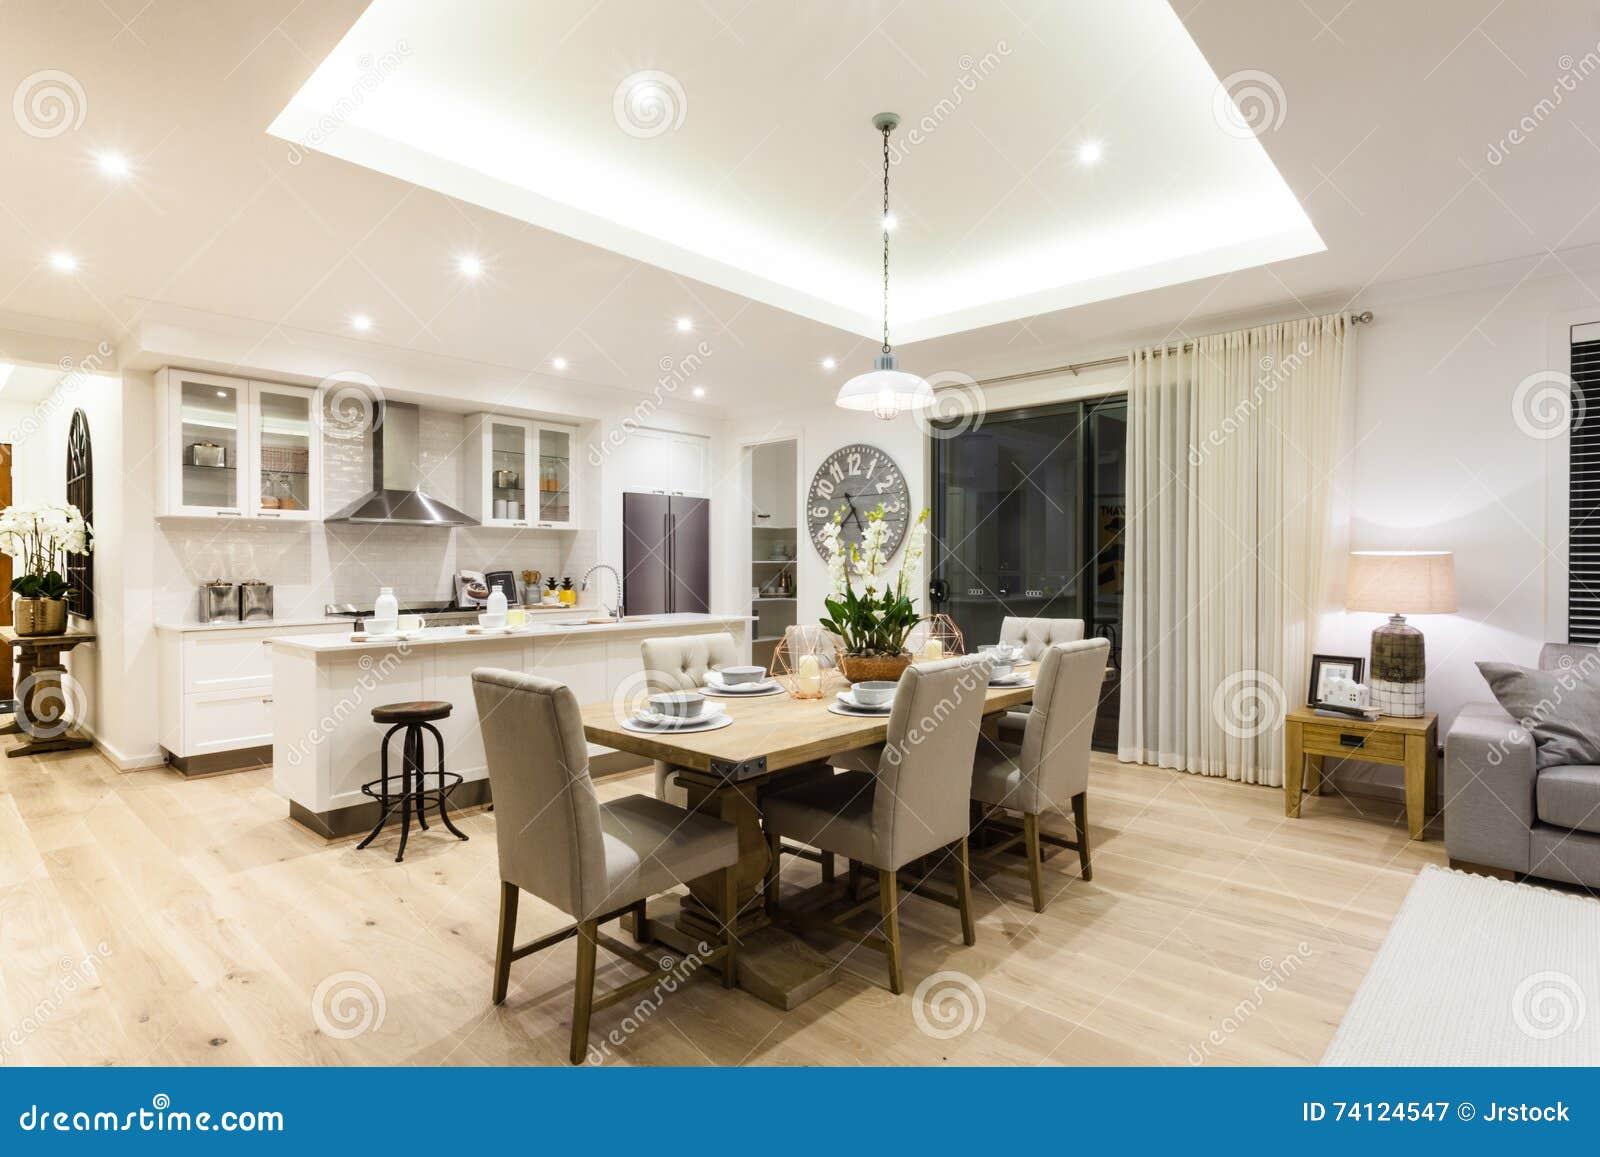 Moderne woonkamer en keuken met een houten vloer stock afbeelding afbeelding 74124547 - Woonkamer en moderne keuken ...